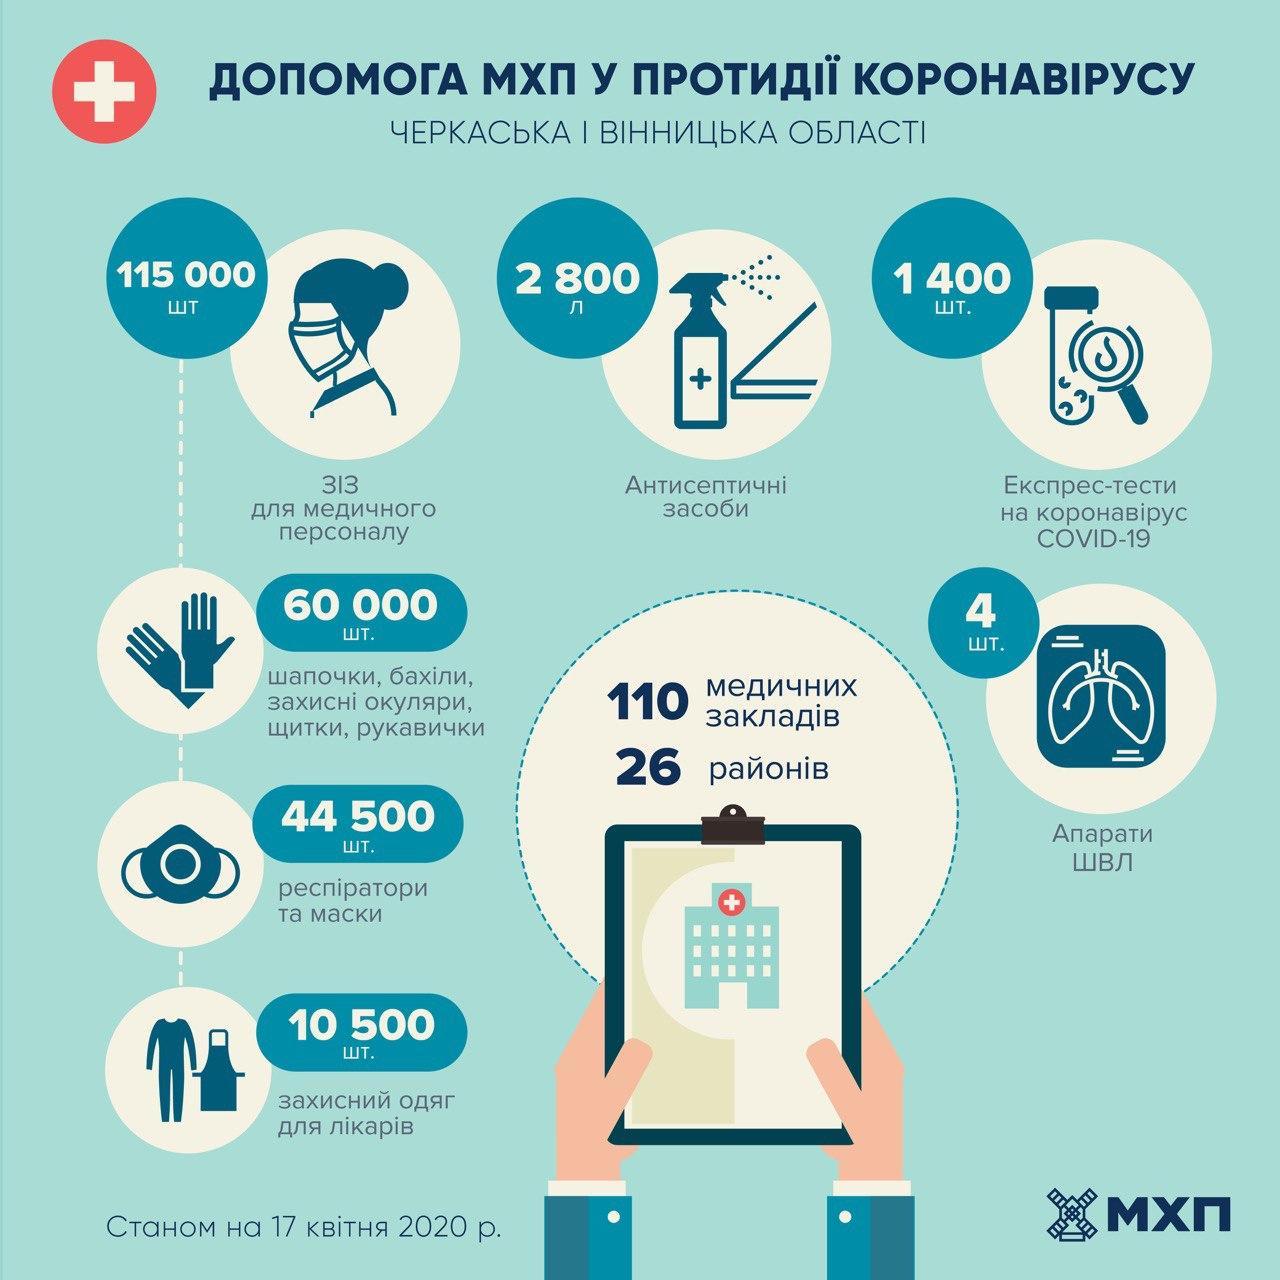 Помощь МХП в борьбе с коронавирусом Винницкой и Черкасской областям